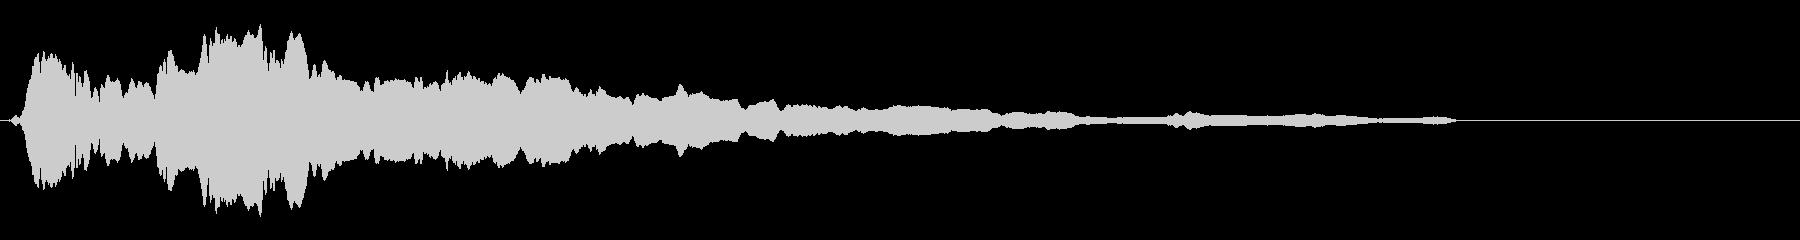 ひゅー 落下 スライドホイッスルの未再生の波形